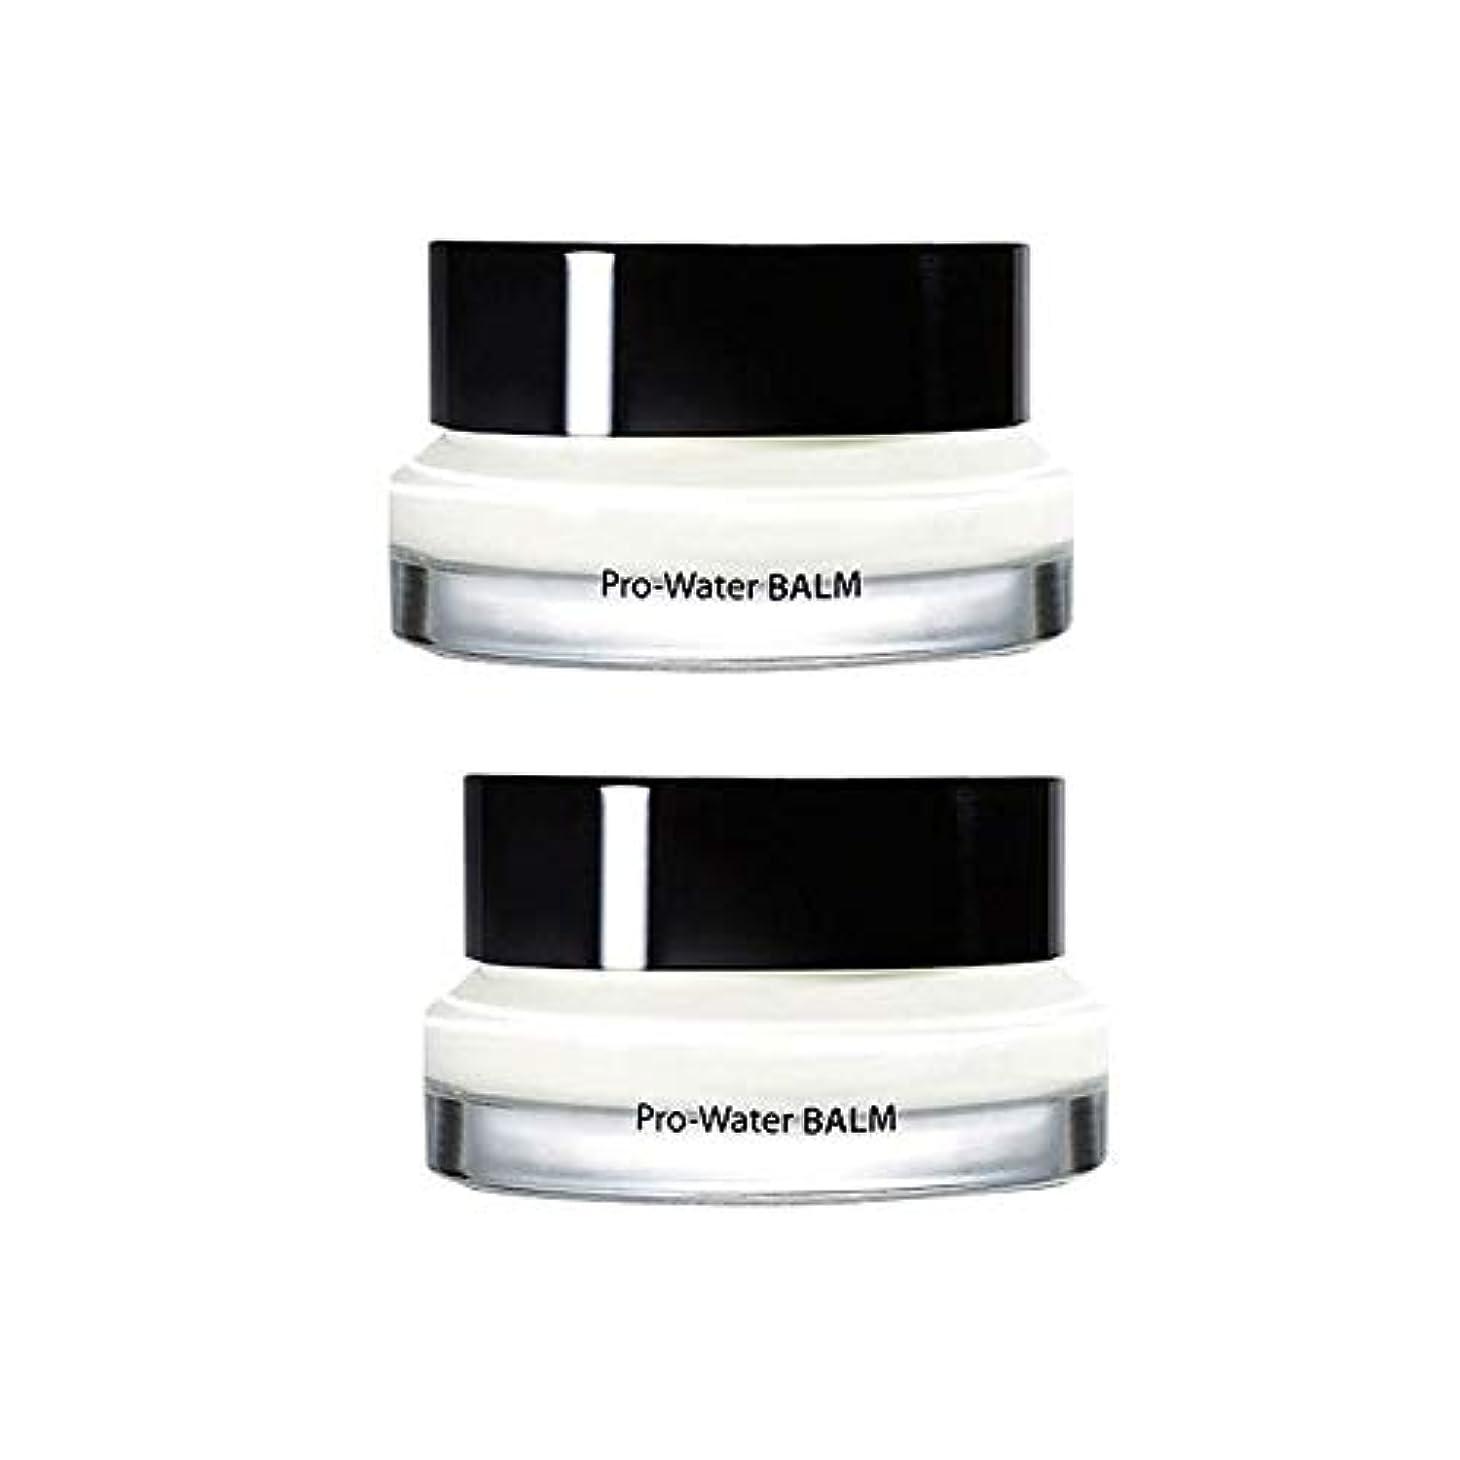 敬礼方法エミュレートするルナプロウォーターbalm 50mlx2本セット韓国コスメ、Luna Pro-Water Balm 50ml x 2ea Set Korean Cosmetics [並行輸入品]